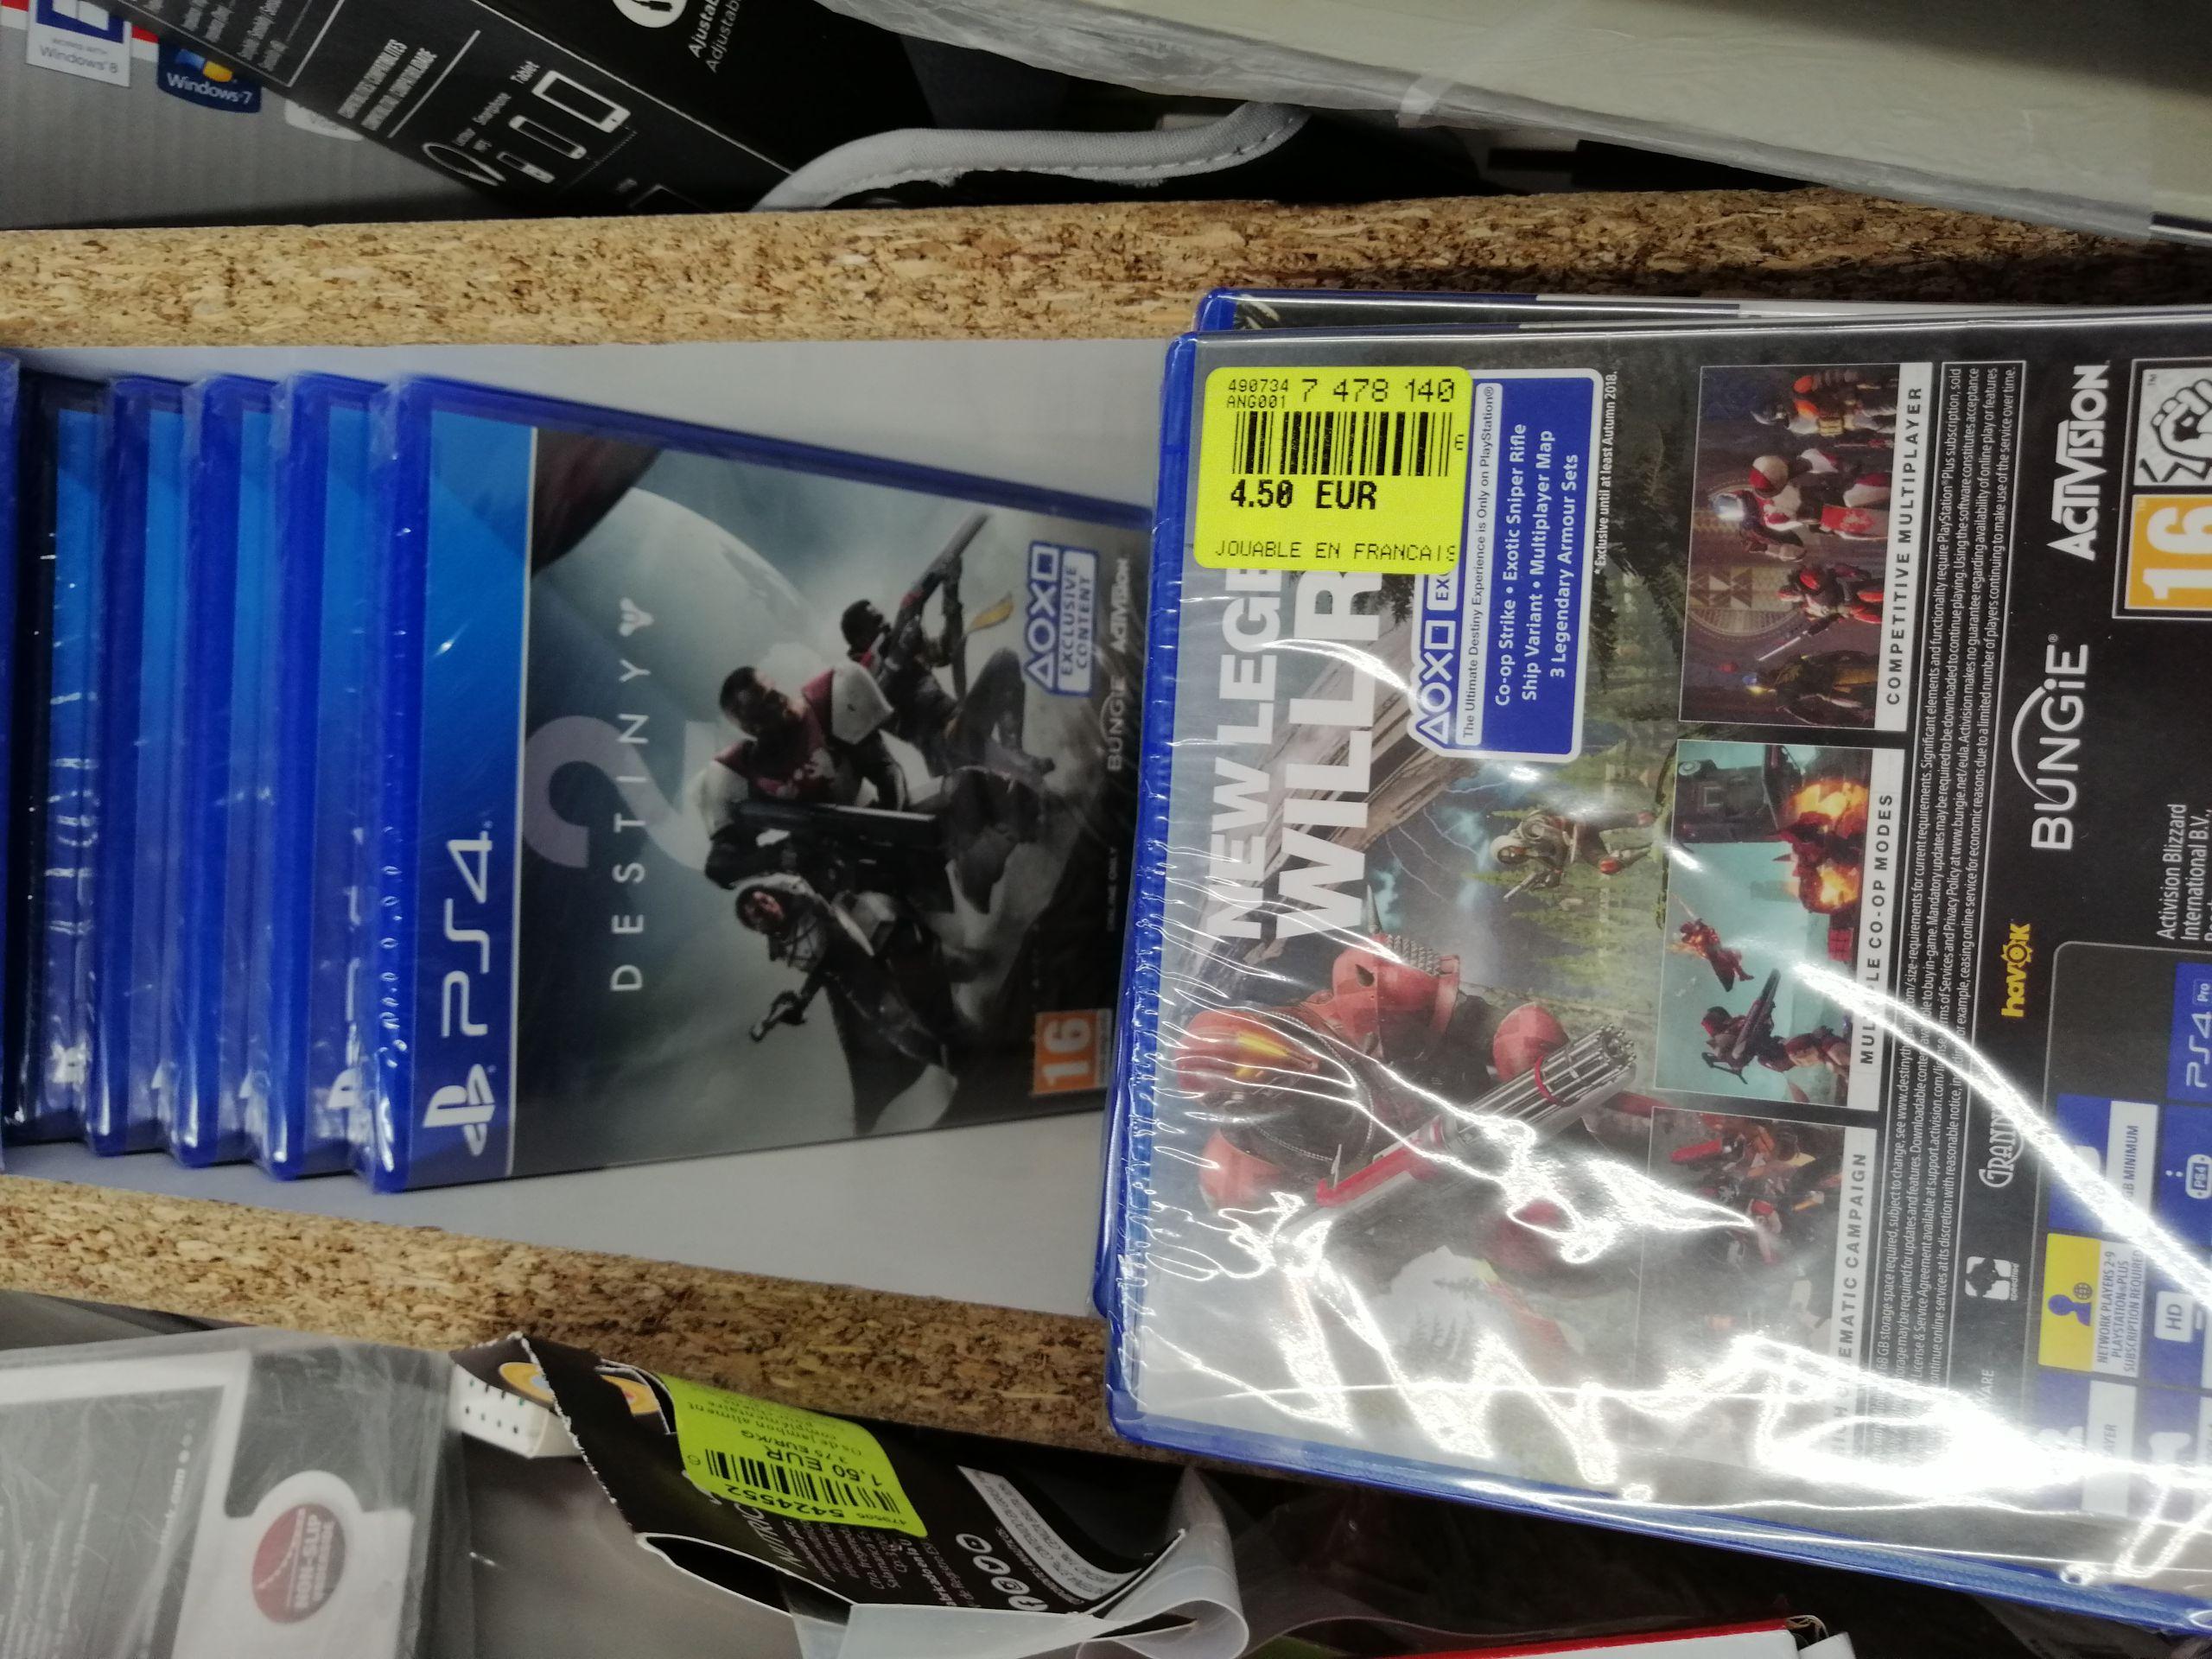 Jeu Destiny 2 sur PS4 - NOZ Langon (33)